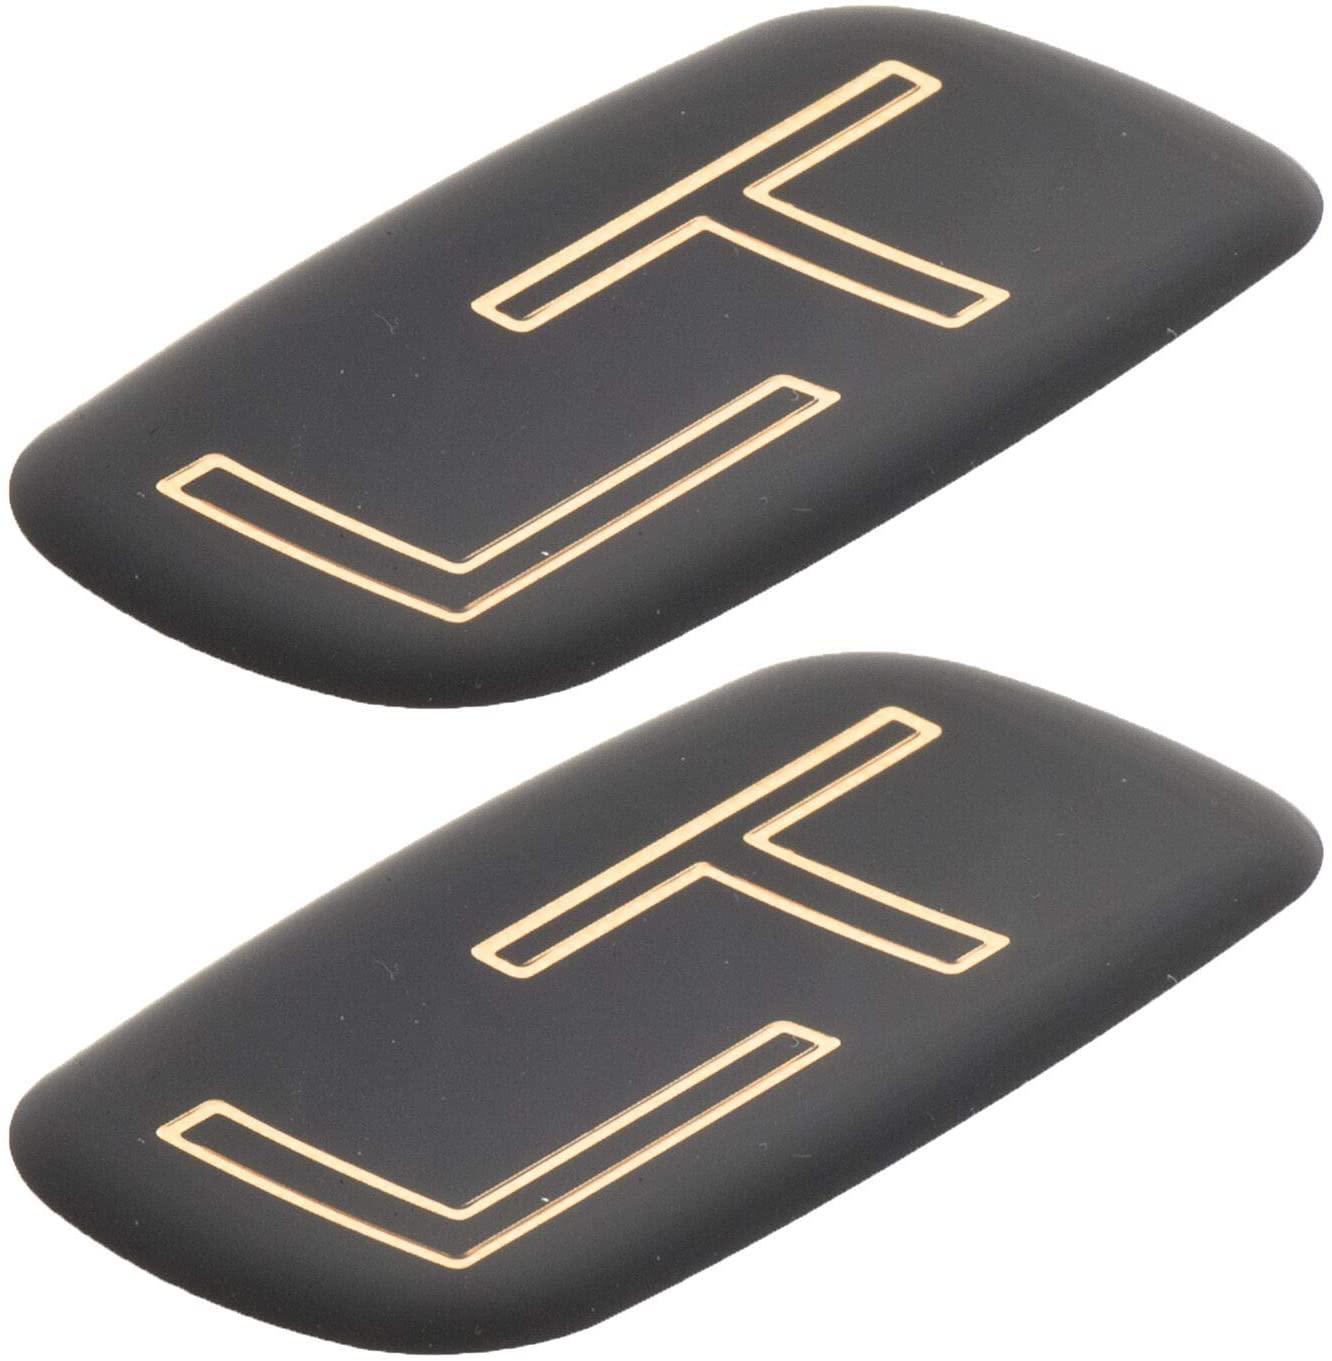 Pair Set LT Rear Emblem Badge logo 99-07 Silverado Suburban Tahoe Bowtie compatible with Silverado Tahoe Suburban (Gold Black)